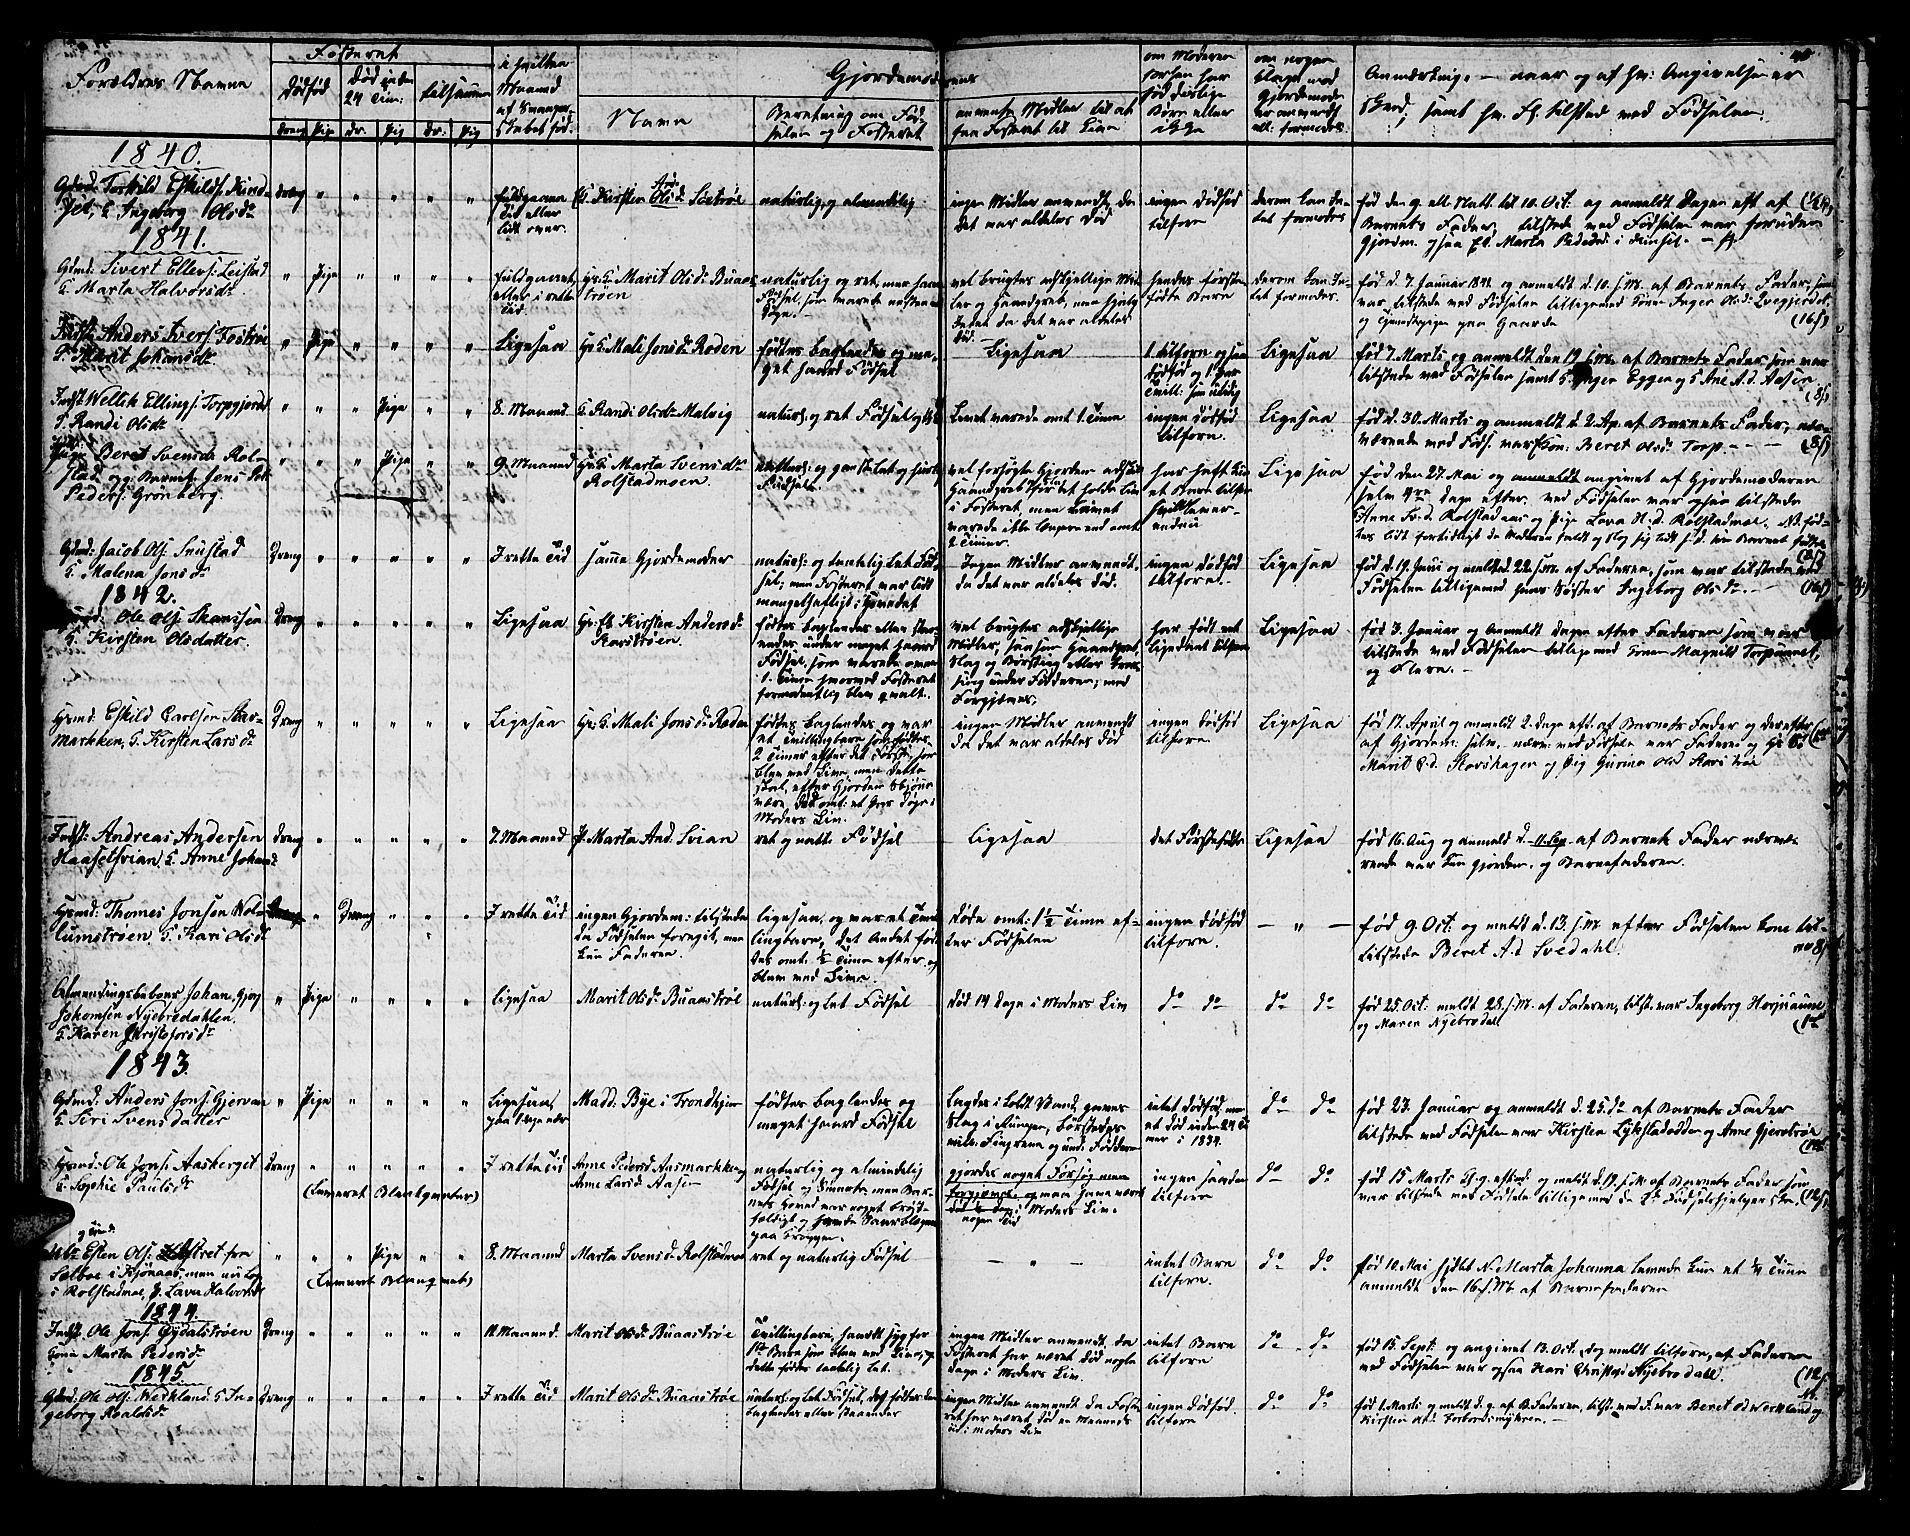 SAT, Ministerialprotokoller, klokkerbøker og fødselsregistre - Sør-Trøndelag, 616/L0421: Klokkerbok nr. 616C04, 1834-1850, s. 45